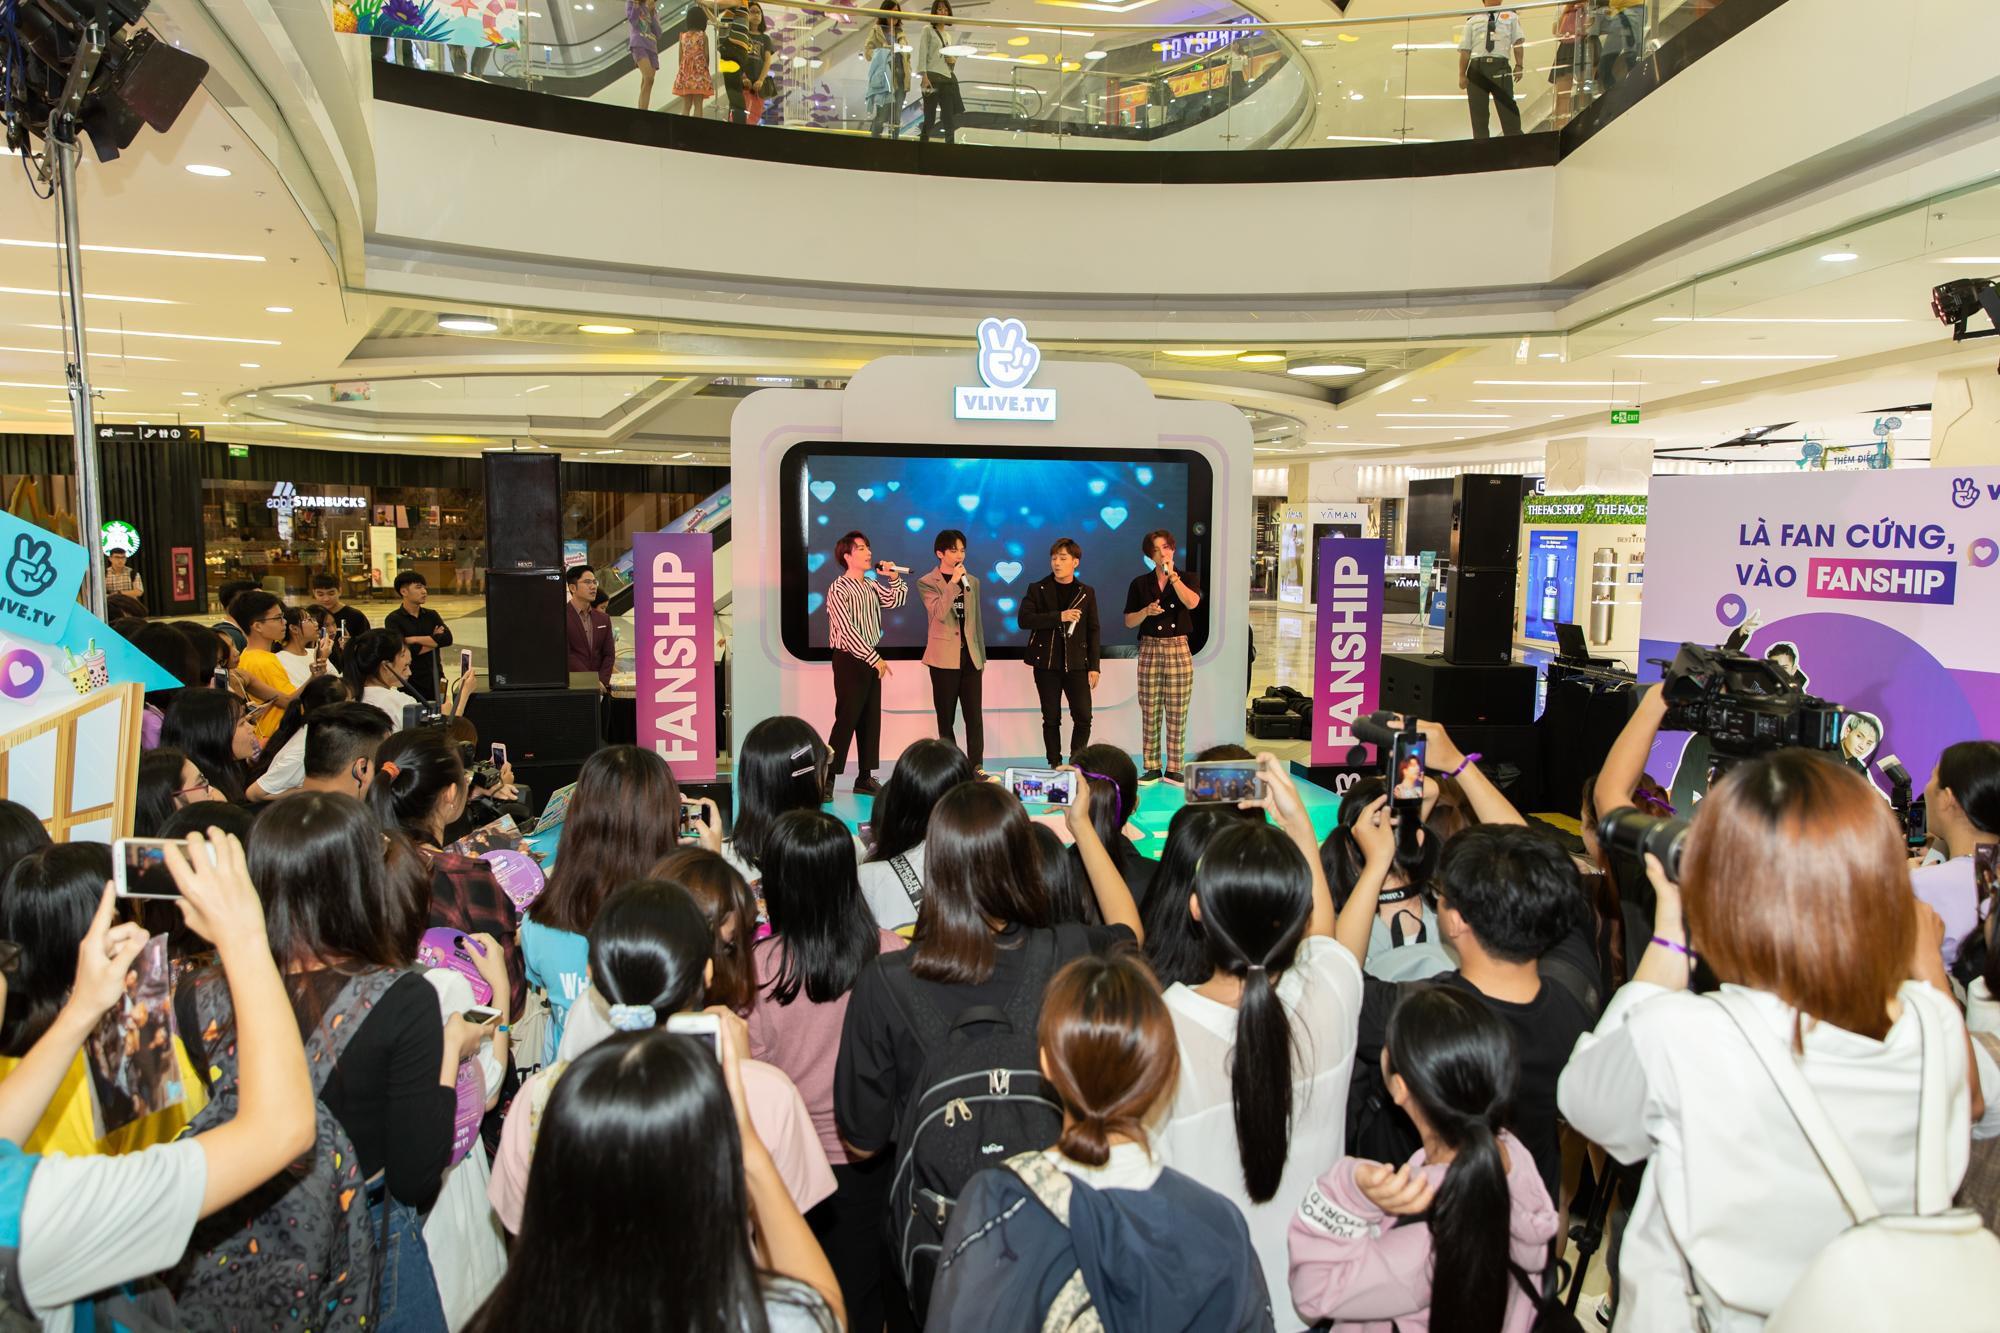 Vừa công bố FC Online, Monstar liền tổ chức ký tặng cho fan cứng - Ảnh 2.